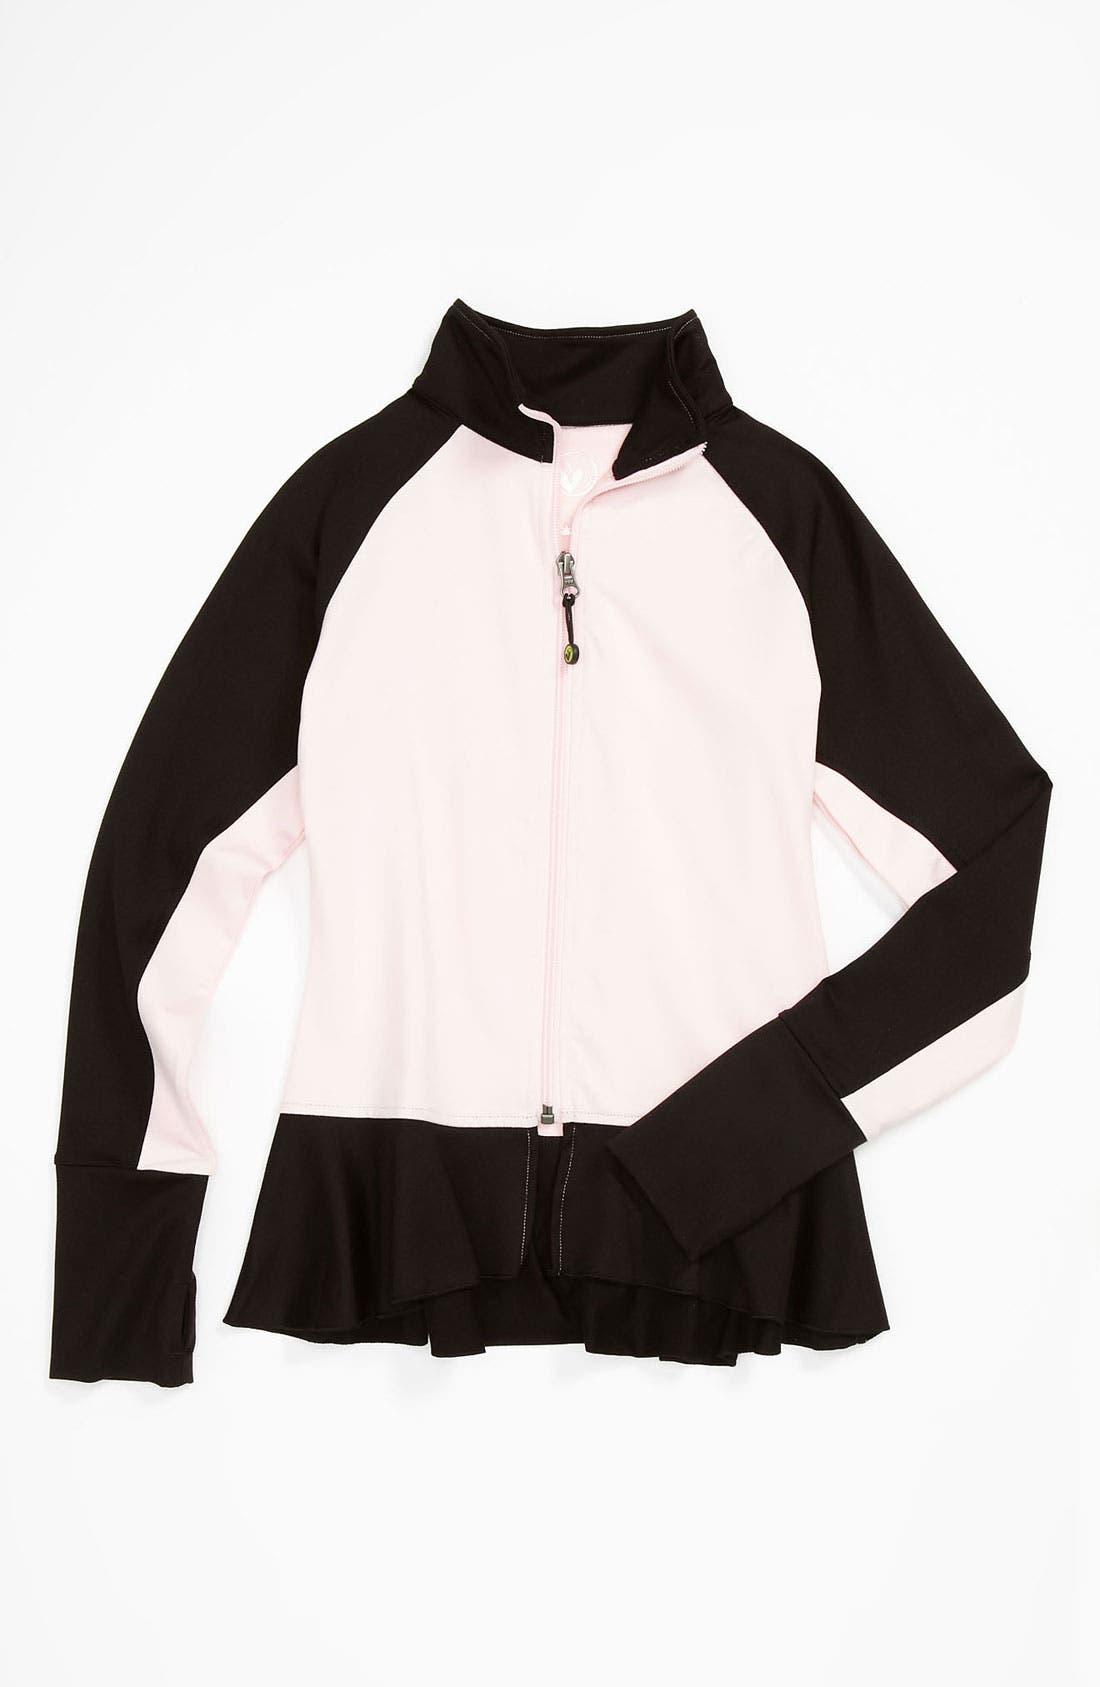 Main Image - Limeapple Ruffle Jacket (Big Girls)